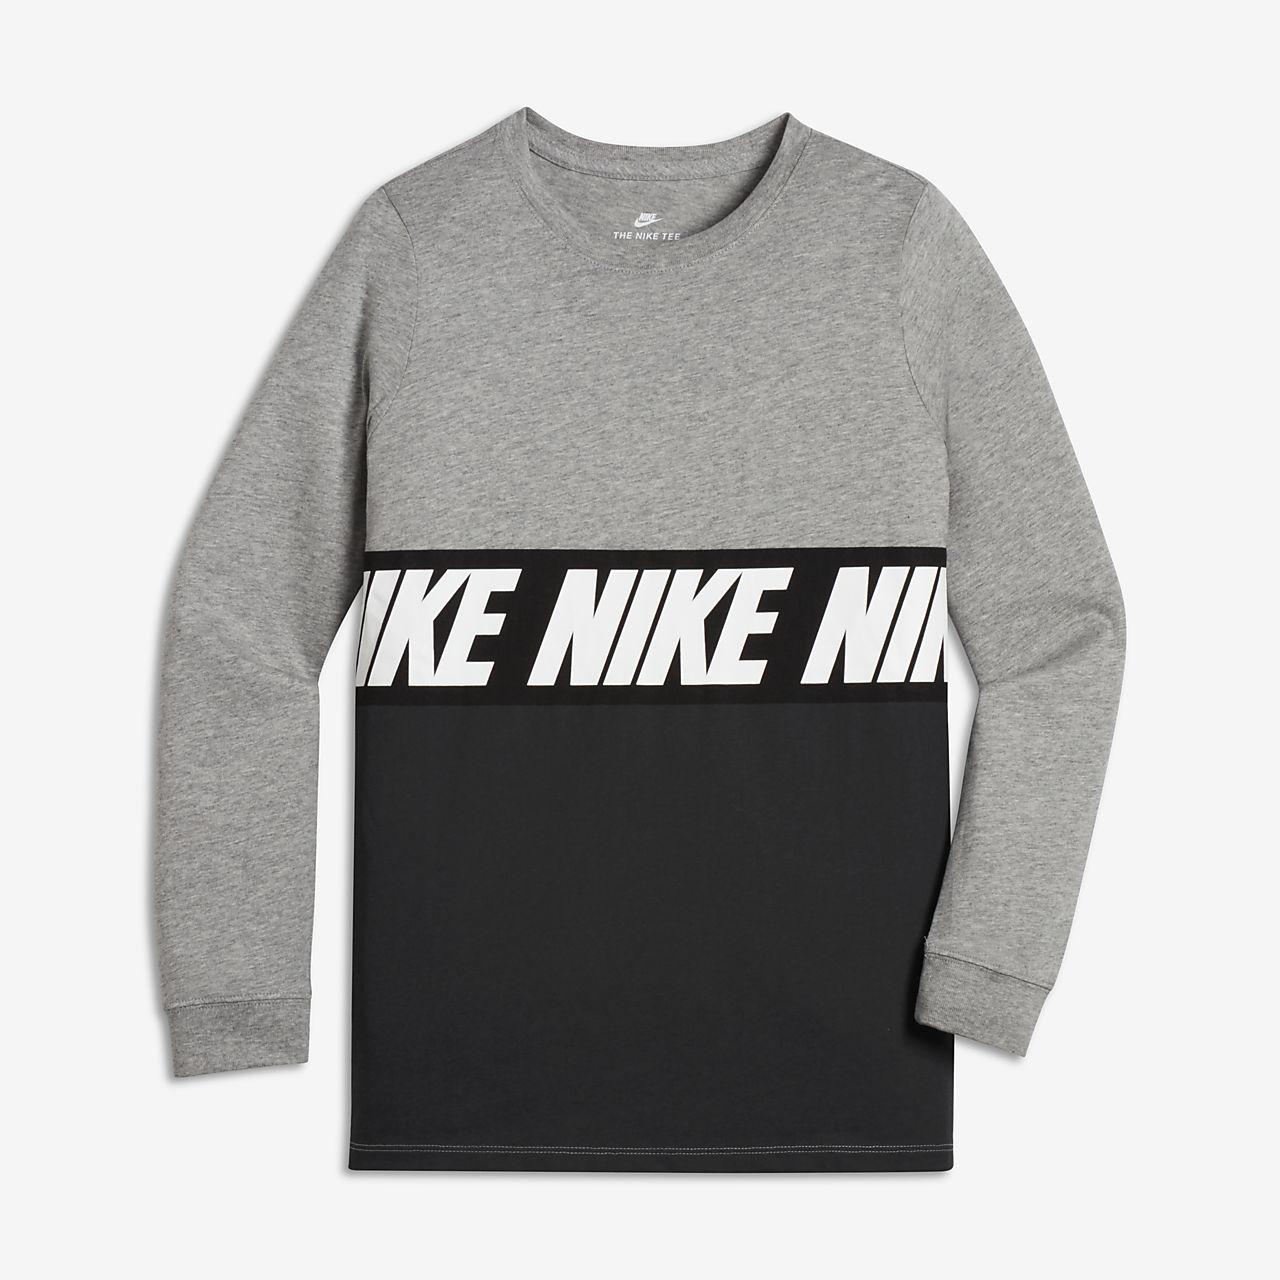 ... Nike Sportswear Advance 15 Older Kids' (Boys') Long-Sleeve T-